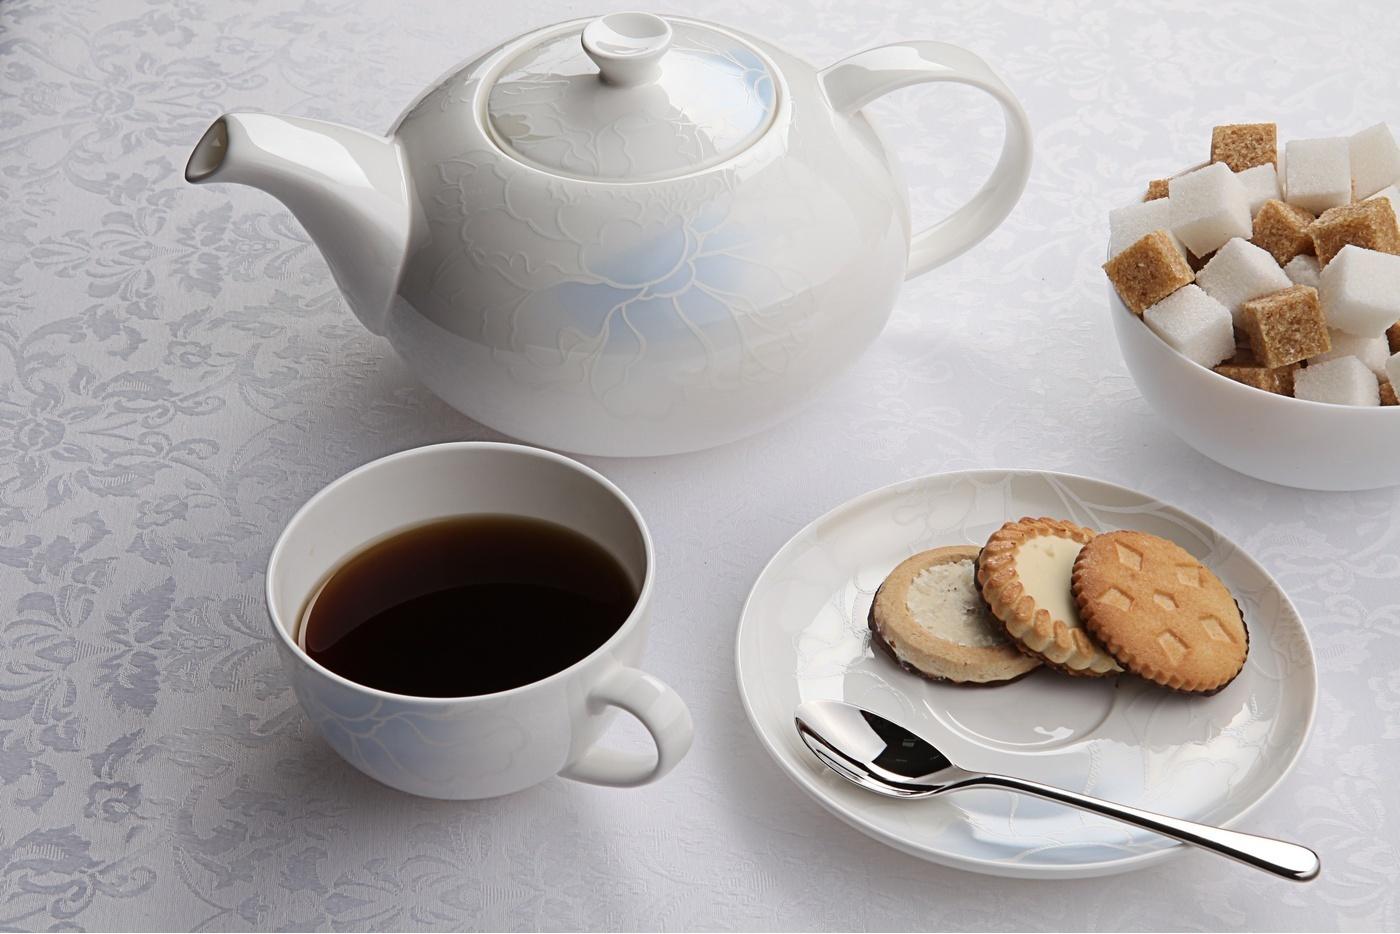 Чайный сервиз Royal Aurel Лазурь арт.133, 13 предметовЧайные сервизы<br>Чайный сервиз Royal Aurel Лазурь арт.133, 13 предметов<br><br><br><br><br><br><br><br><br><br><br>Чашка 300 мл,6 шт.<br>Блюдце 15 см,6 шт.<br>Чайник 1300 мл<br><br><br><br><br><br><br>Производить посуду из фарфора начали в Китае на стыке 6-7 веков. Неустанно совершенствуя и селективно отбирая сырье для производства посуды из фарфора, мастерам удалось добиться выдающихся характеристик фарфора: белизны и тонкостенности. В XV веке появился особый интерес к китайской фарфоровой посуде, так как в это время Европе возникла мода на самобытные китайские вещи. Роскошный китайский фарфор являлся изыском и был в новинку, поэтому он выступал в качестве подарка королям, а также знатным людям. Такой дорогой подарок был очень престижен и по праву являлся элитной посудой. Как известно из многочисленных исторических документов, в Европе китайские изделия из фарфора ценились практически как золото. <br>Проверка изделий из костяного фарфора на подлинность <br>По сравнению с производством других видов фарфора процесс производства изделий из настоящего костяного фарфора сложен и весьма длителен. Посуда из изящного фарфора - это элитная посуда, которая всегда ассоциируется с богатством, величием и благородством. Несмотря на небольшую толщину, фарфоровая посуда - это очень прочное изделие. Для демонстрации плотности и прочности фарфора можно легко коснуться предметов посуды из фарфора деревянной палочкой, и тогда мы услушим характерный металлический звон. В составе фарфоровой посуды присутствует костяная зола, благодаря чему она может быть намного тоньше (не более 2,5 мм) и легче твердого или мягкого фарфора. Безупречная белизна - ключевой признак отличия такого фарфора от других. Цвет обычного фарфора сероватый или ближе к голубоватому, а костяной фарфор будет всегда будет молочно-белого цвета. Характерная и немаловажная деталь - это невесомая прозрачность изделий из фарфора такая, что сквозь него проходит свет.<br>